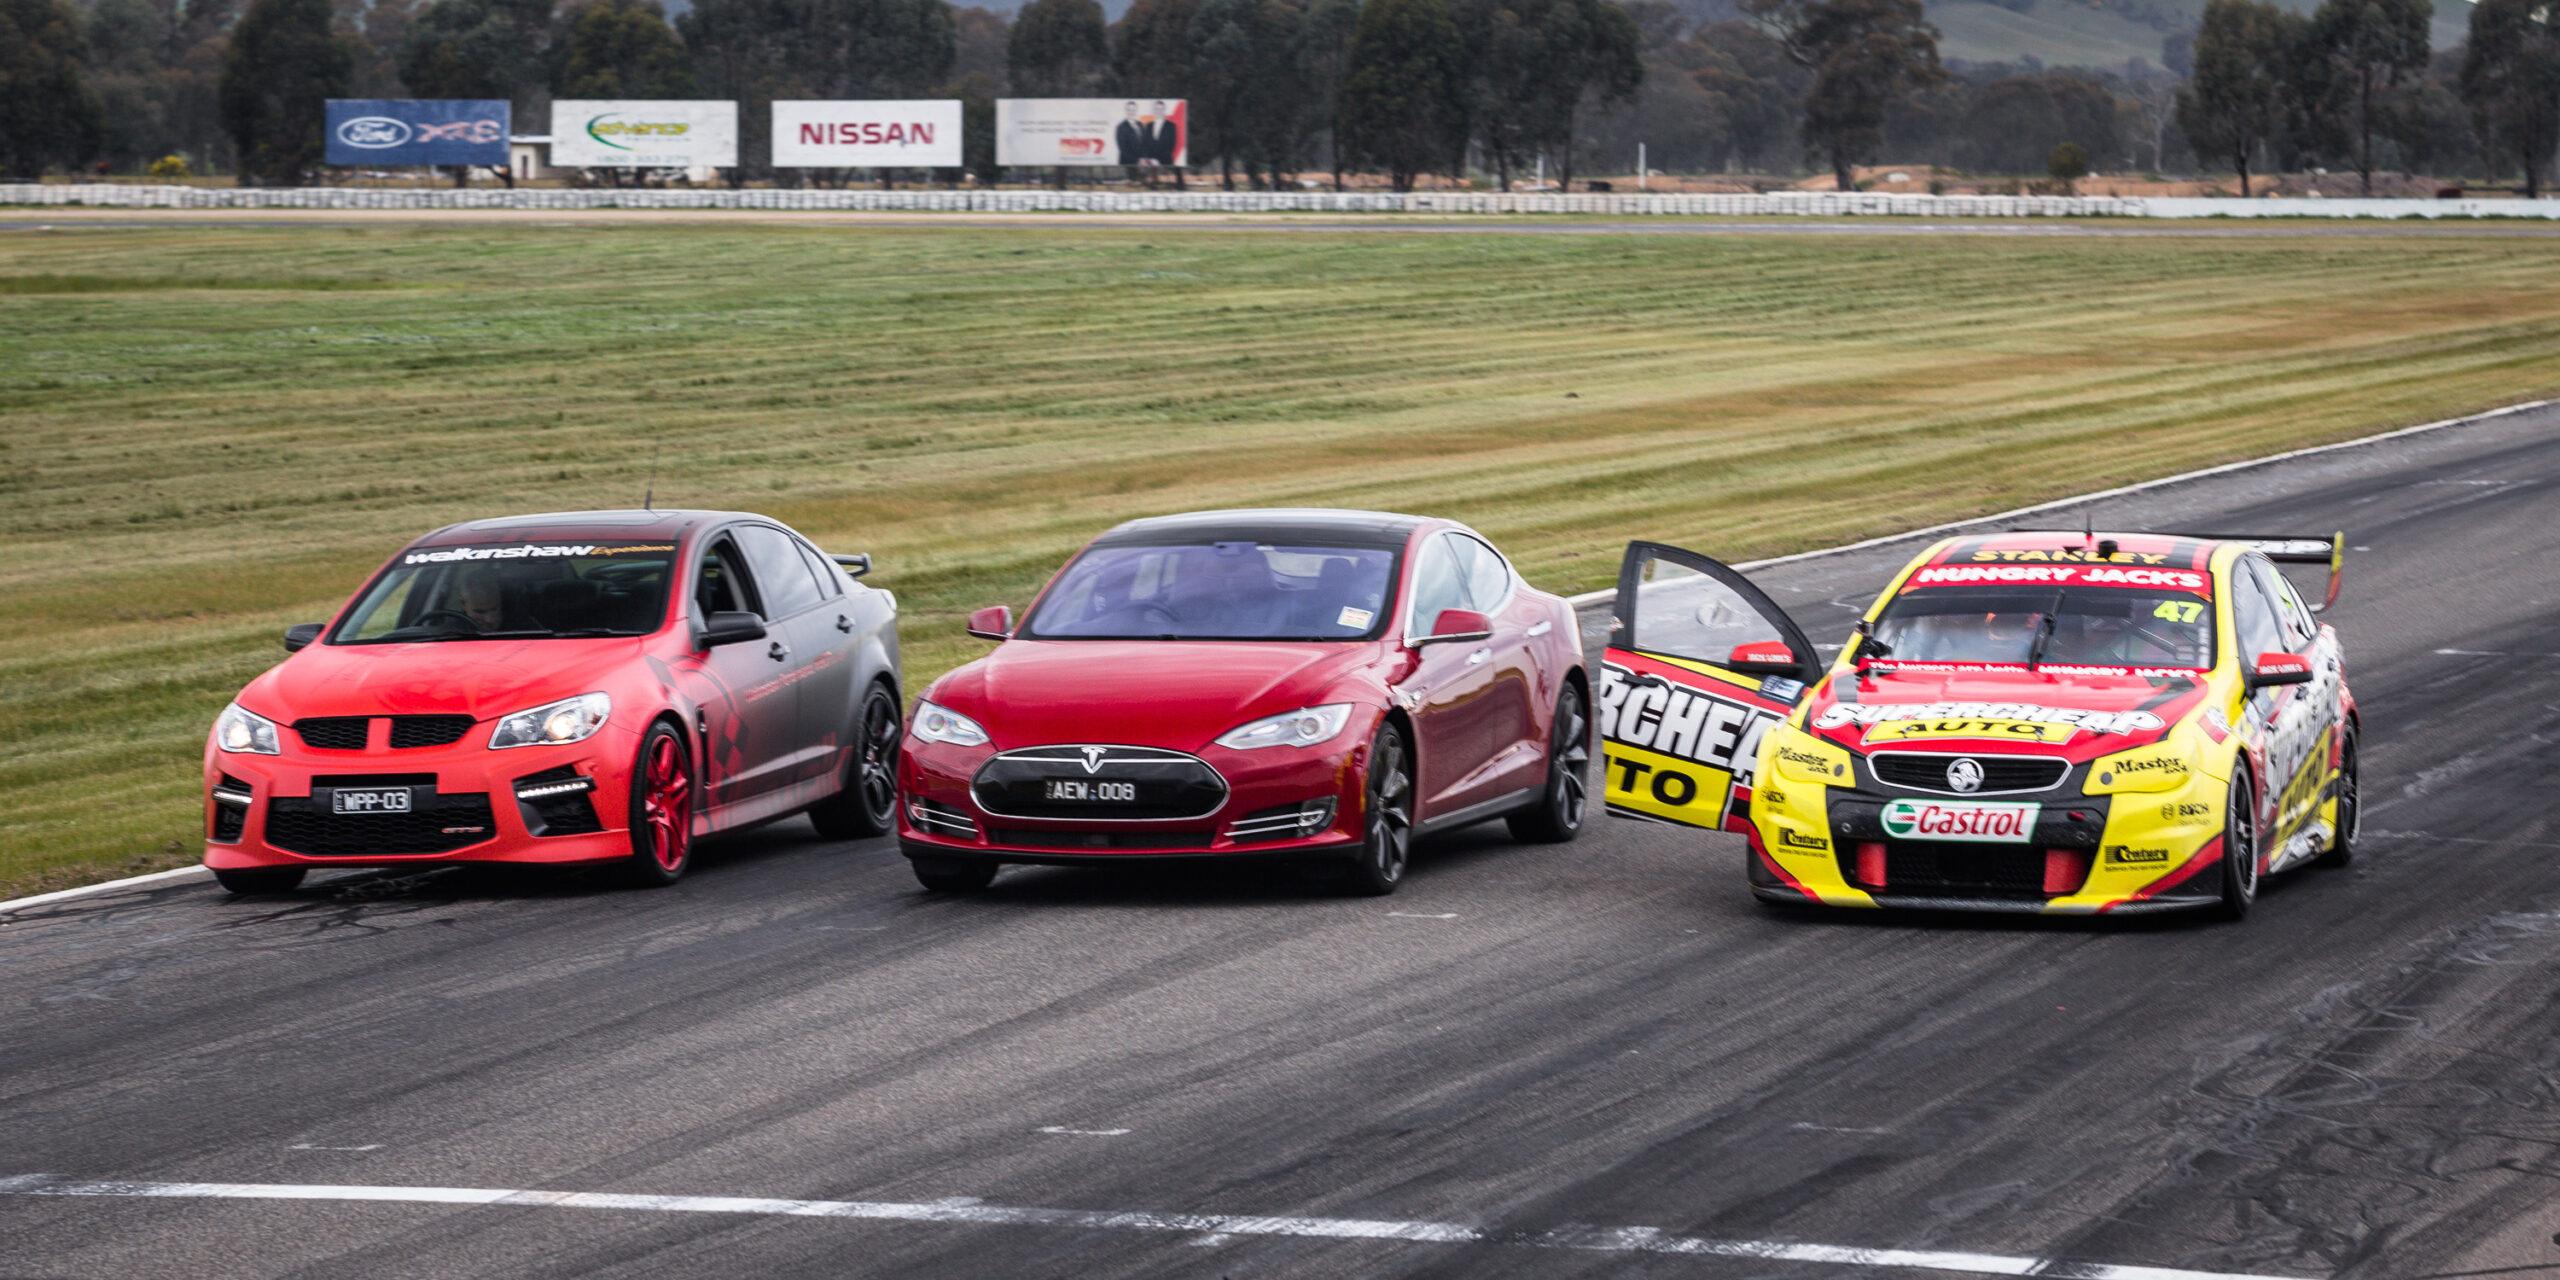 Será o Tesla Model S mais rápido que um V8 Supercar?